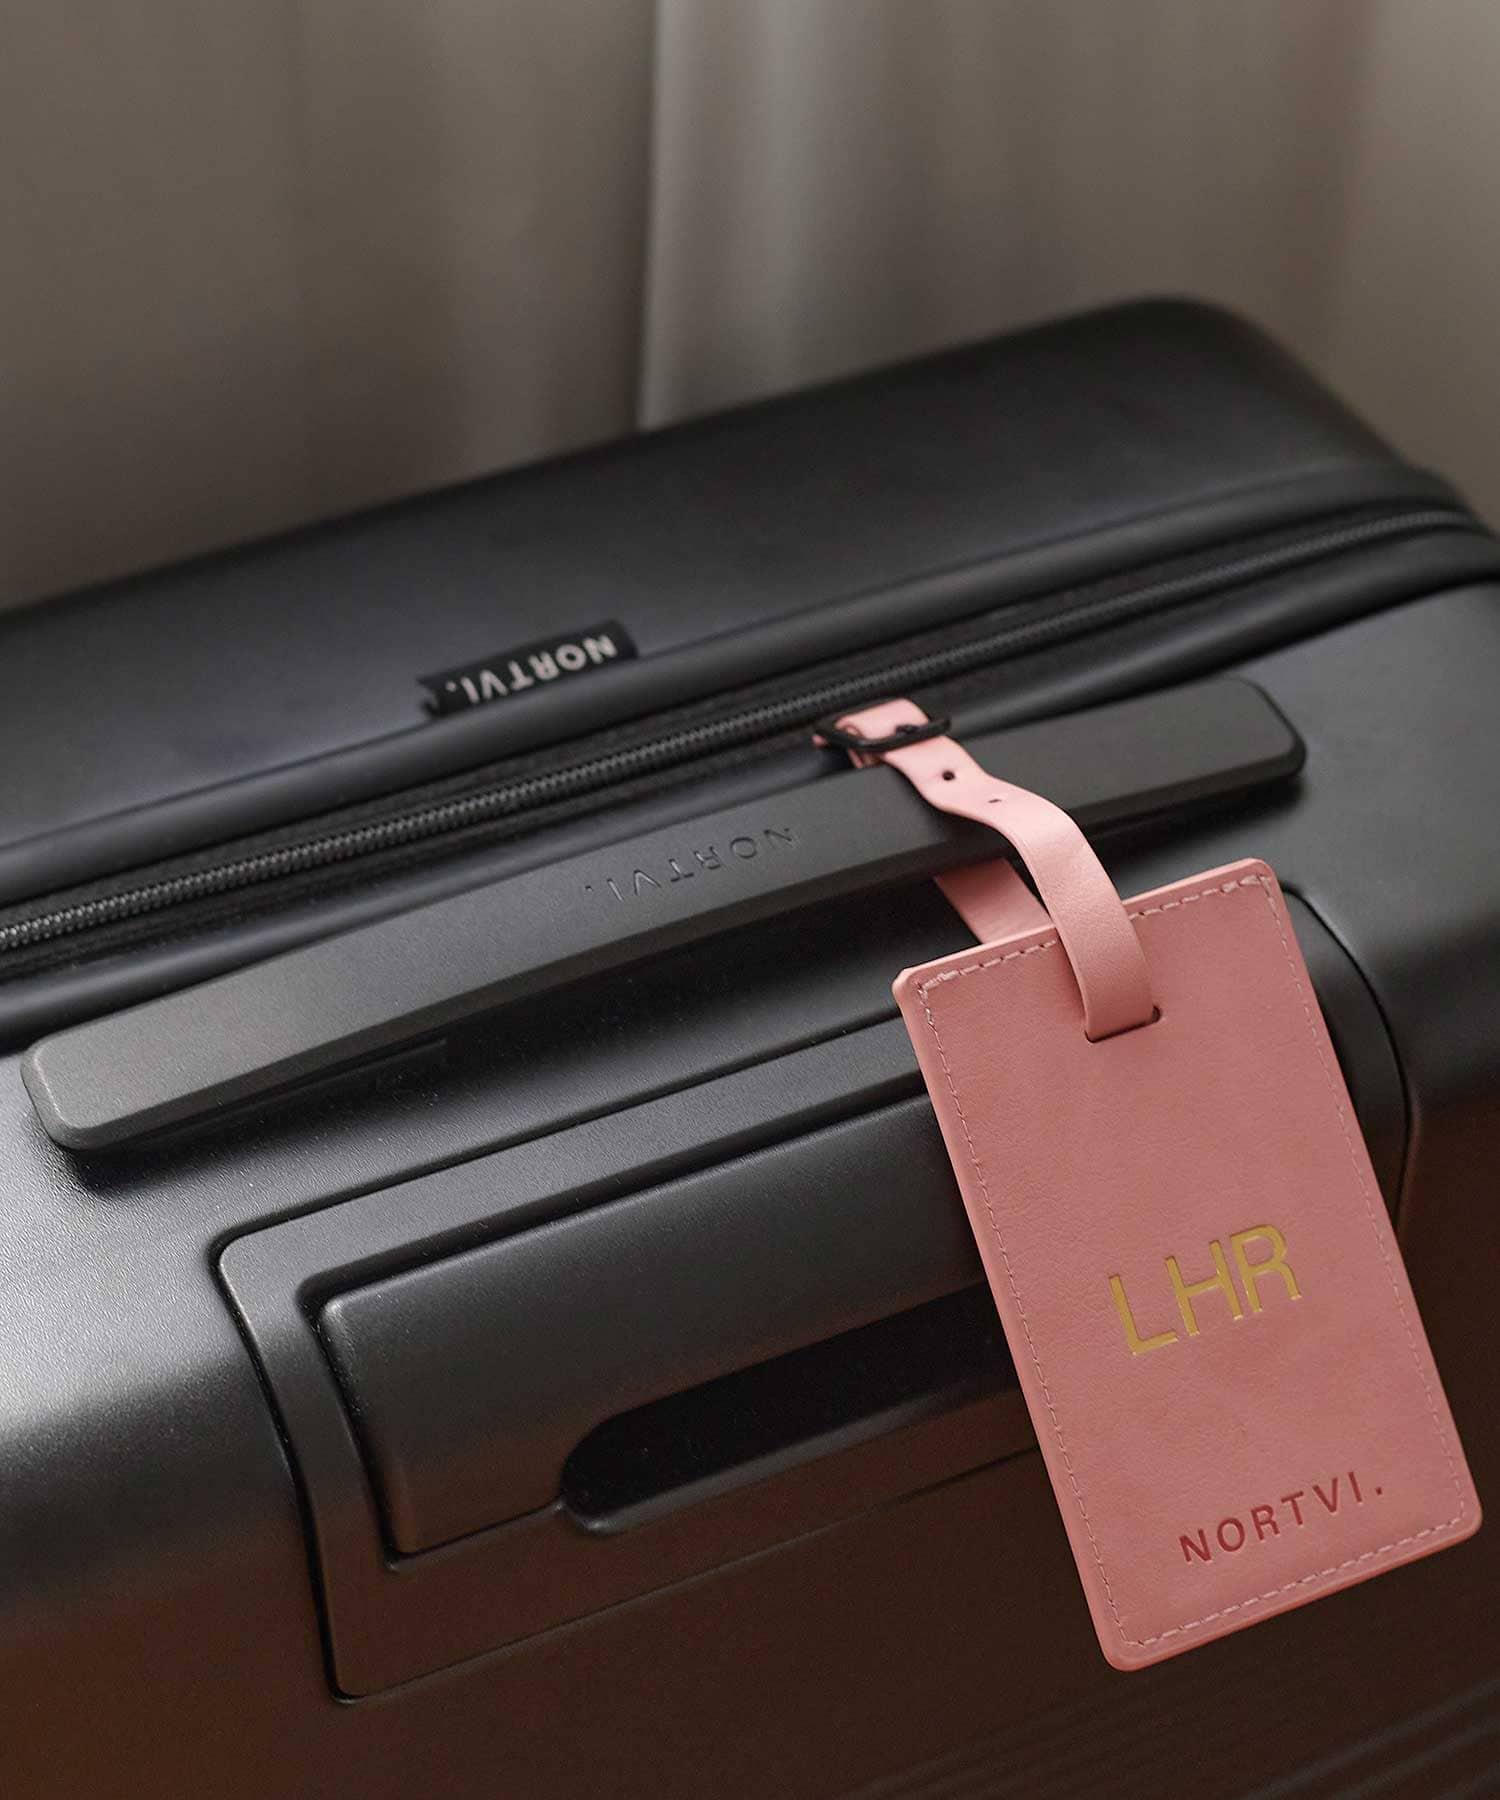 Luggage tag NORTVI